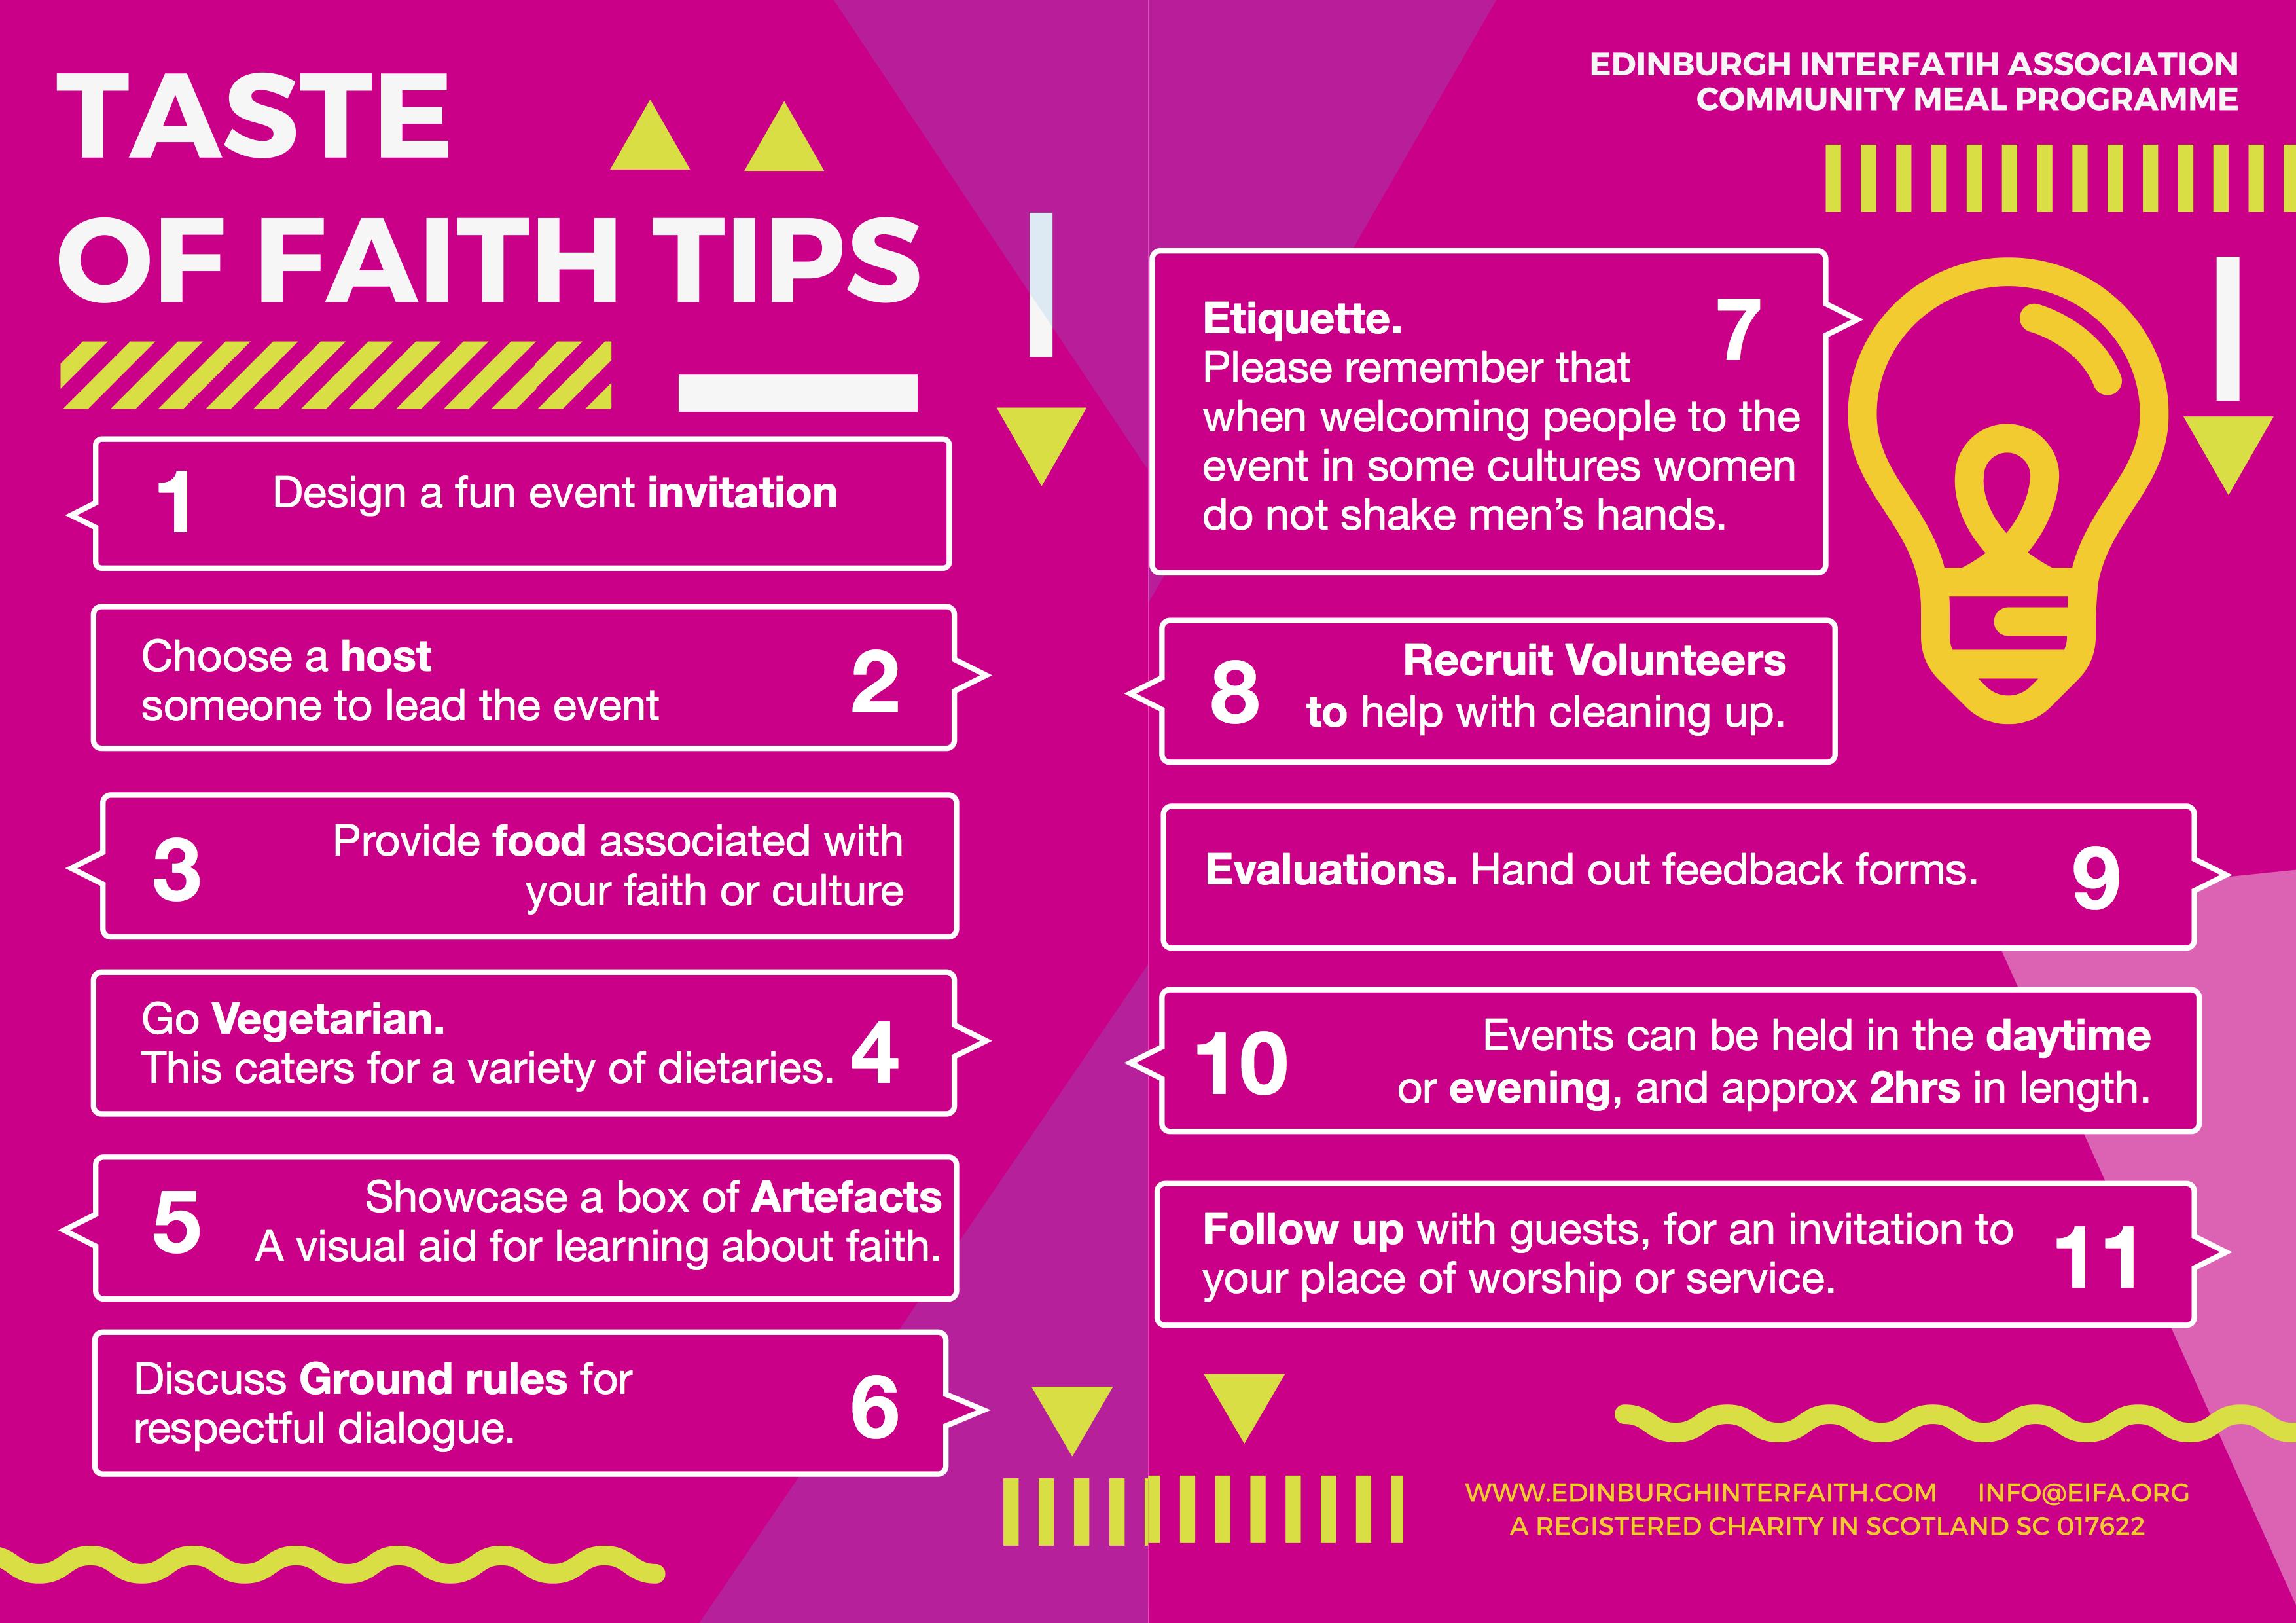 Taste of Faith Tips